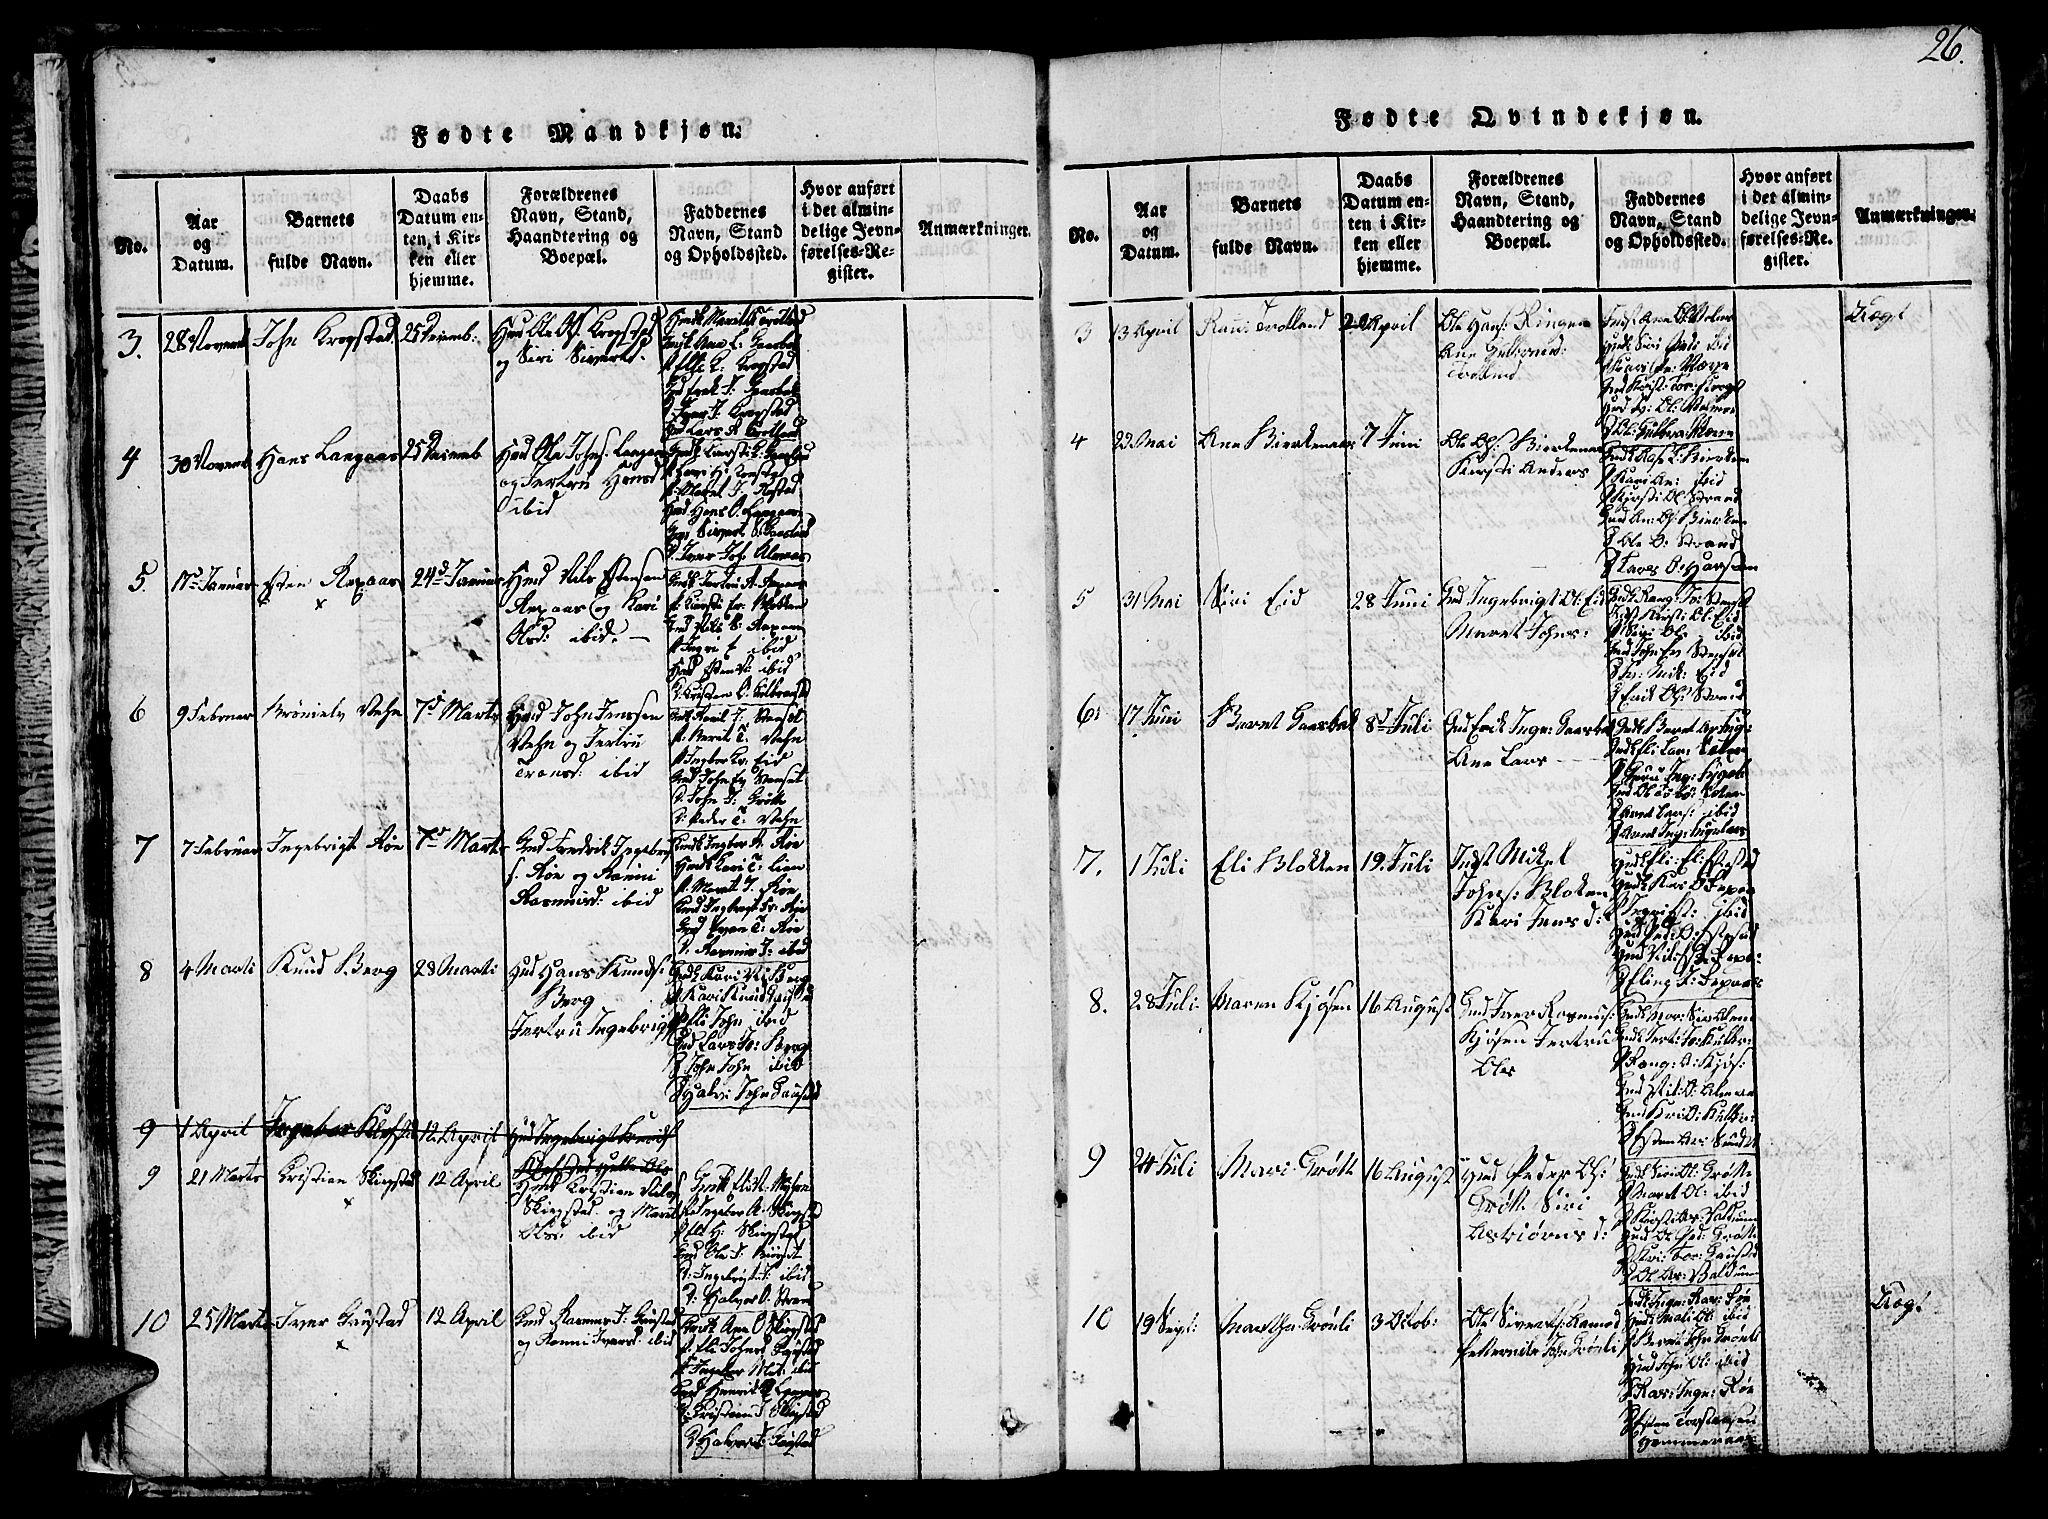 SAT, Ministerialprotokoller, klokkerbøker og fødselsregistre - Sør-Trøndelag, 694/L1130: Klokkerbok nr. 694C02, 1816-1857, s. 26